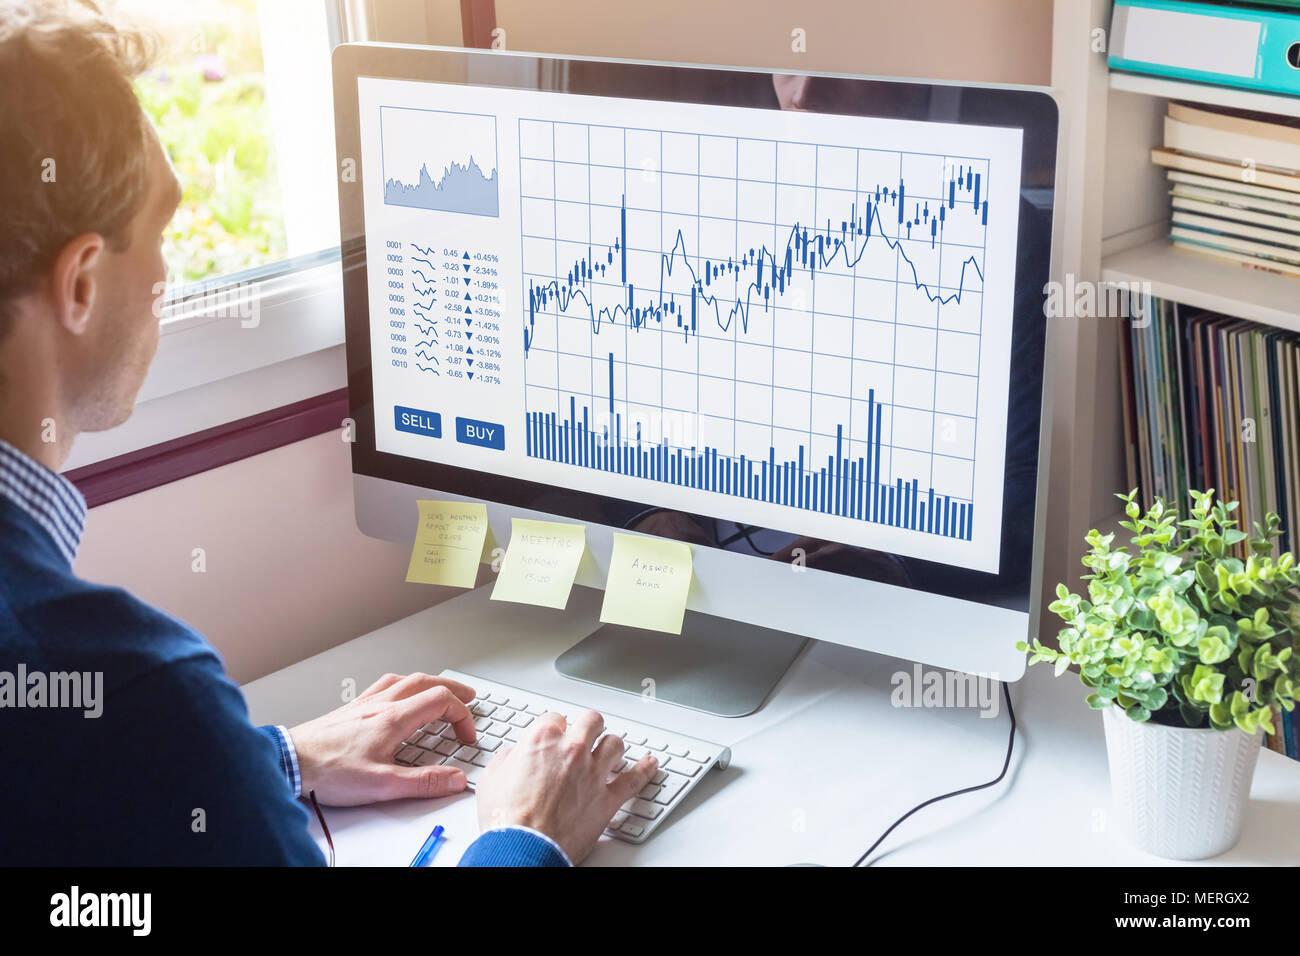 Home trader analisi forex (foreign exchange trading grafici e comprare vendere i pulsanti sullo schermo del computer, del mercato azionario investimenti, tecnologia finanziario ( Immagini Stock